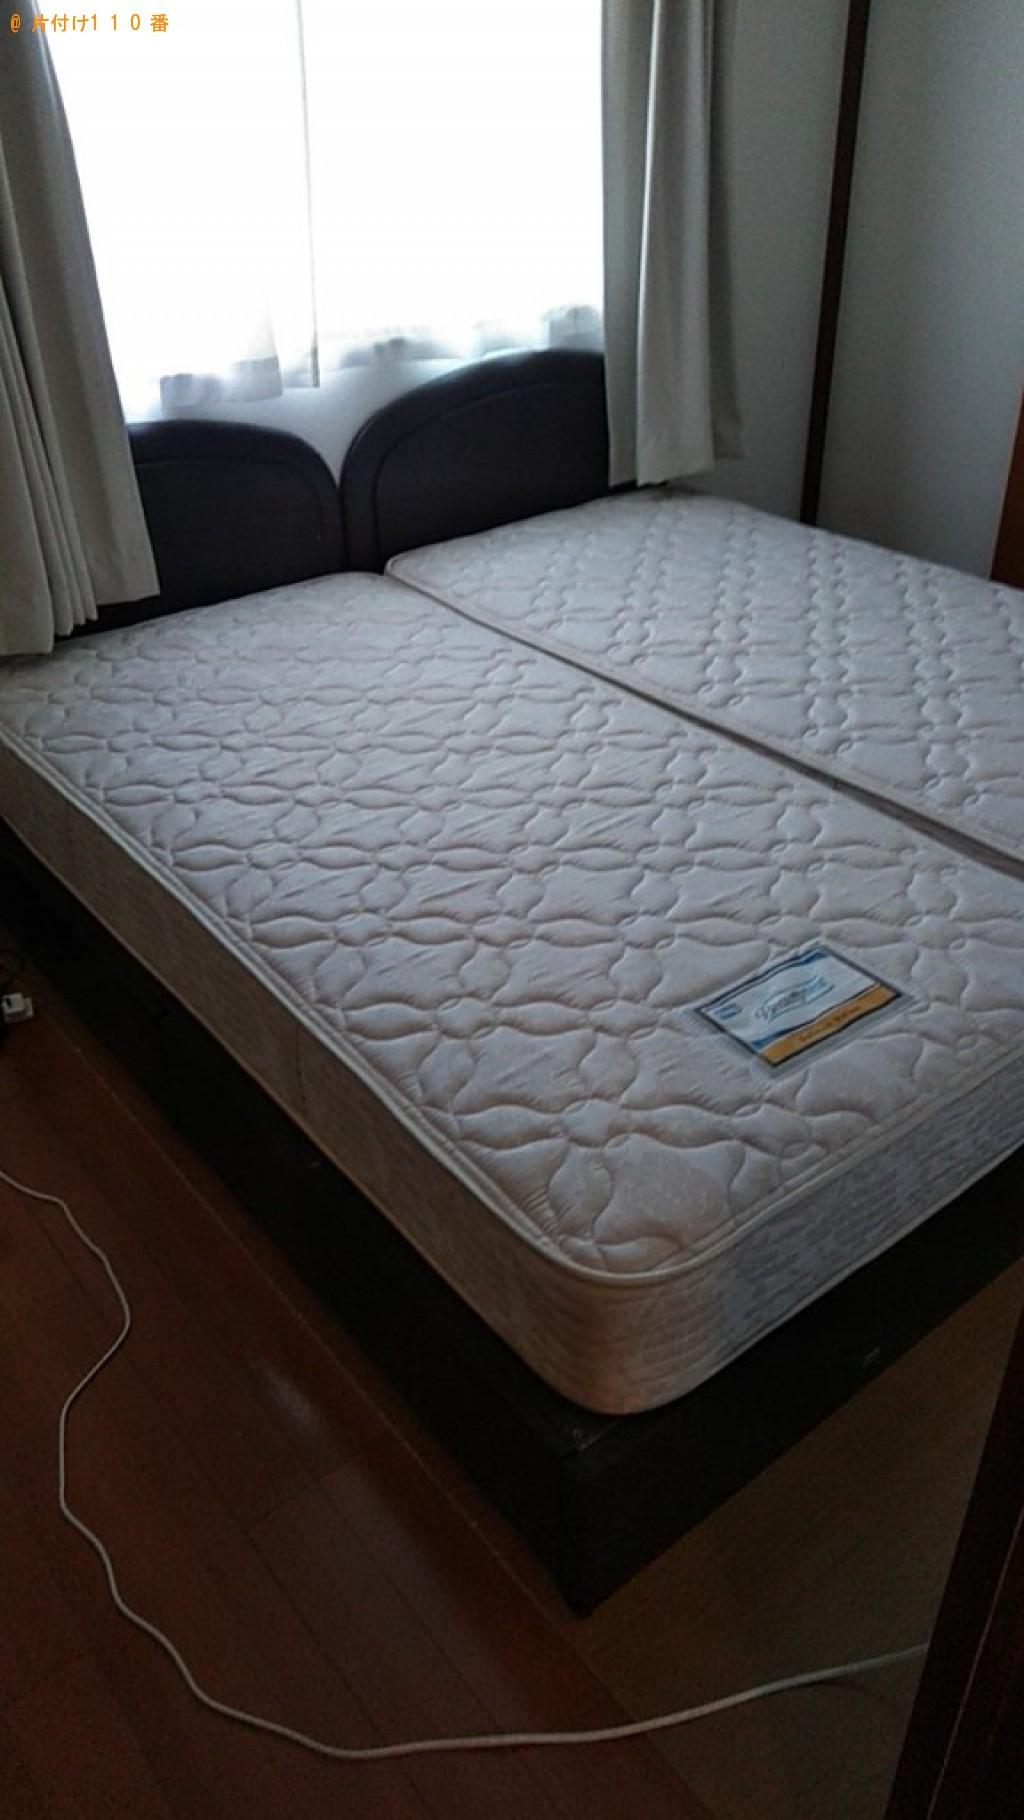 【松山市】シングルベッド、ベッドマットレスの回収・処分ご